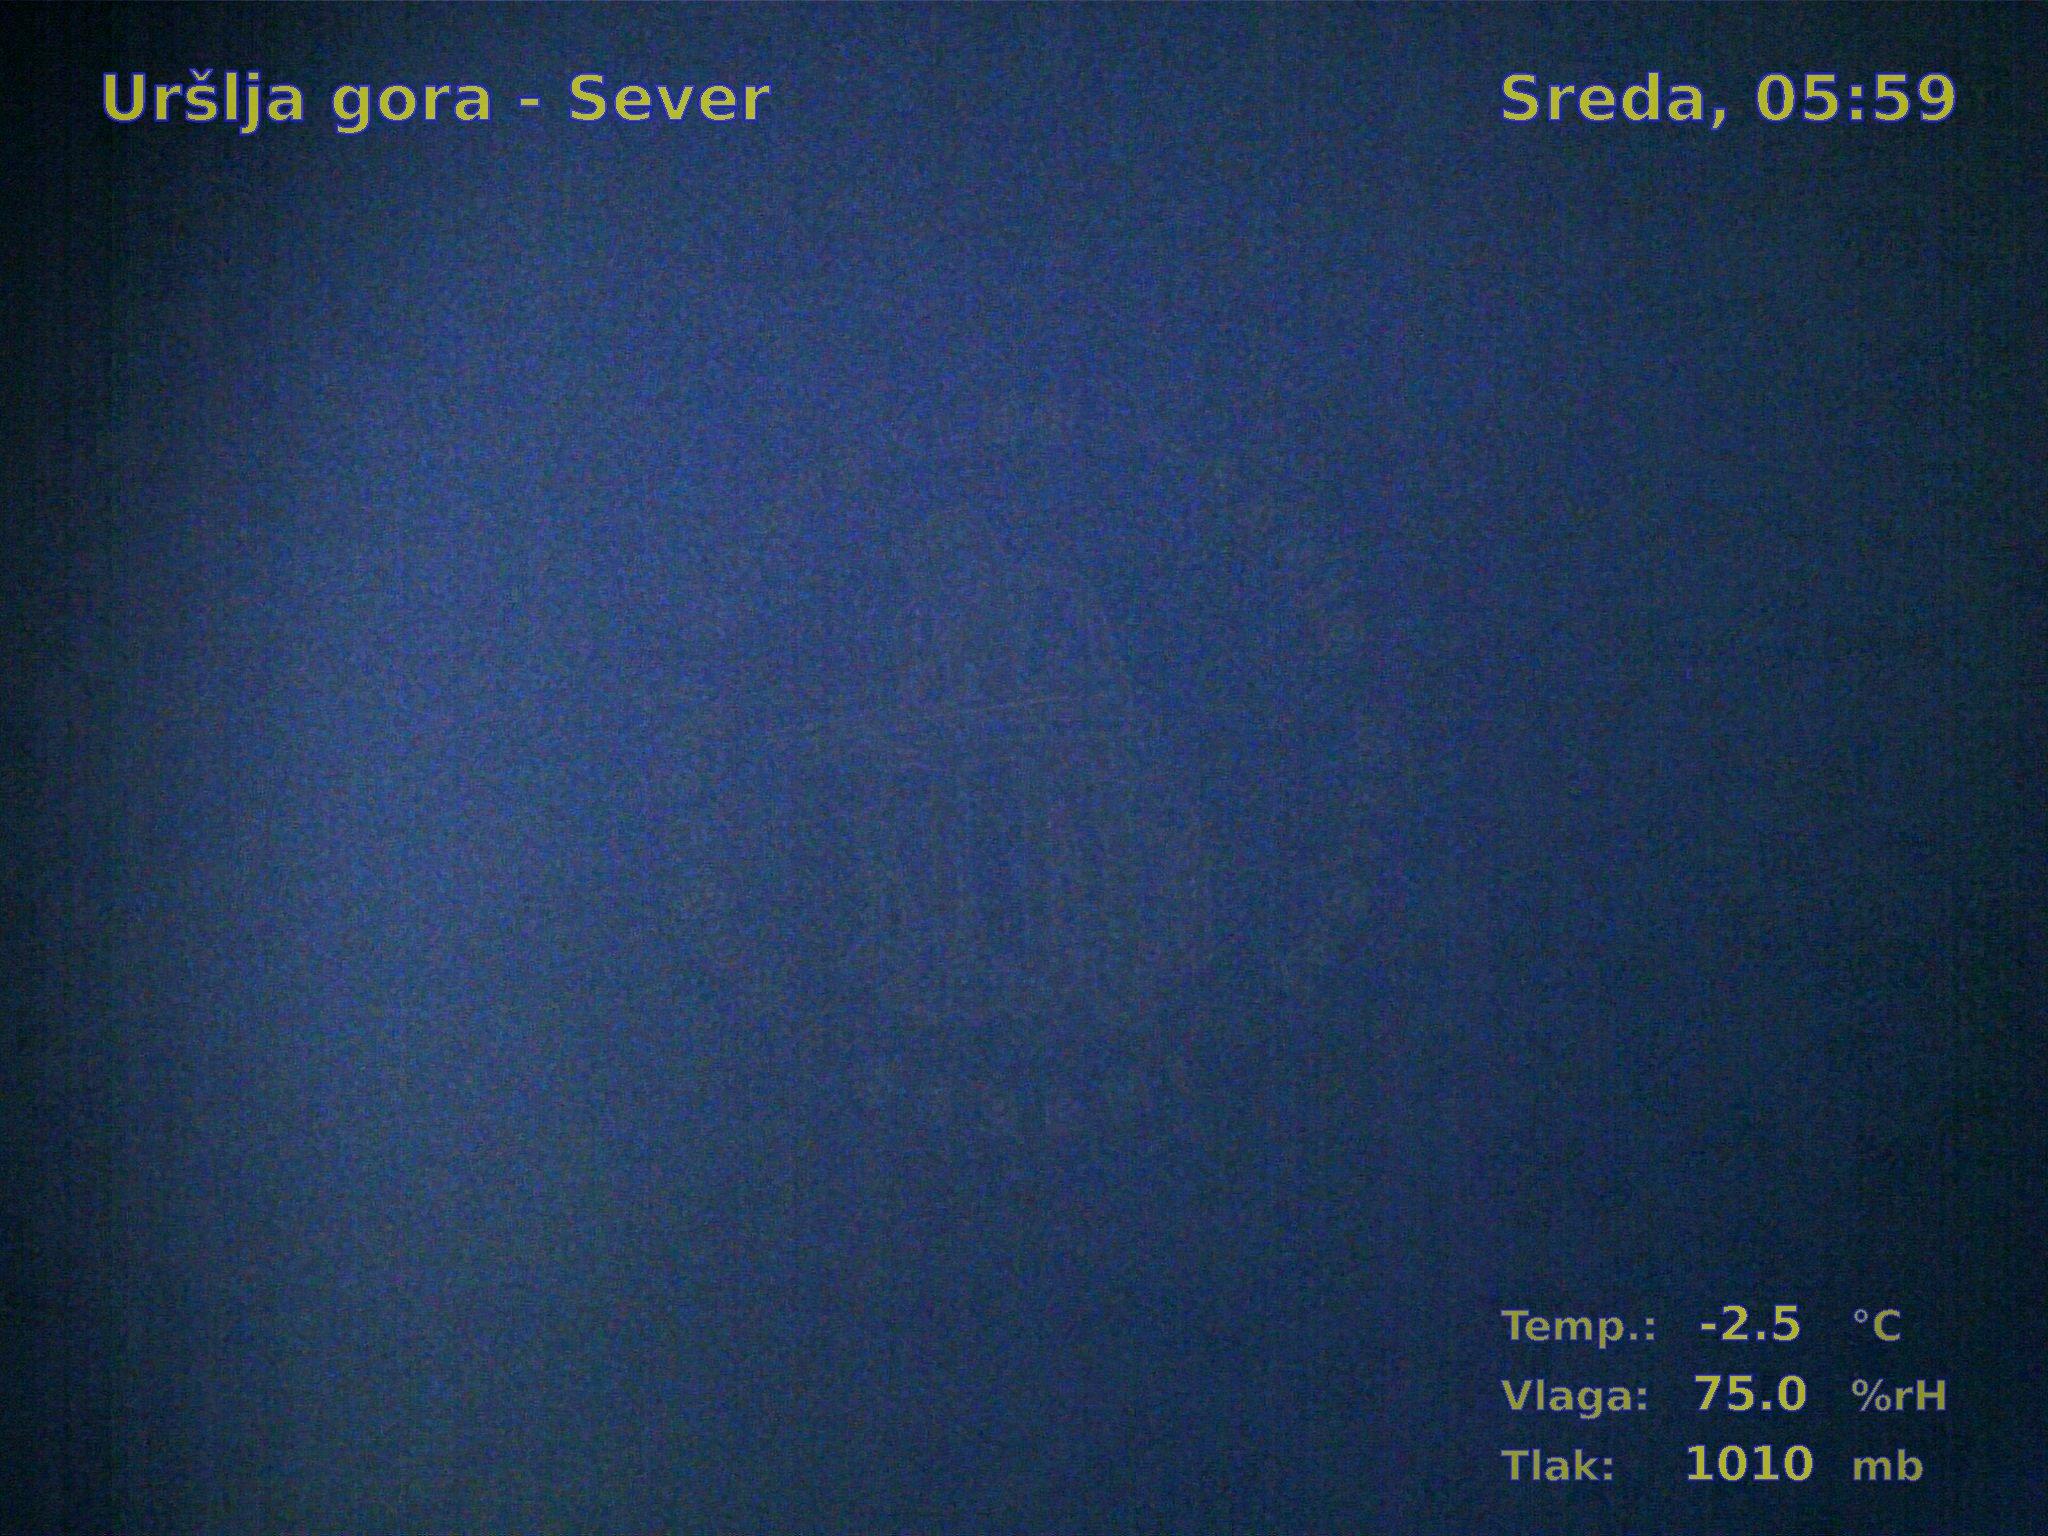 Uršlja gora-Sever, 05:00